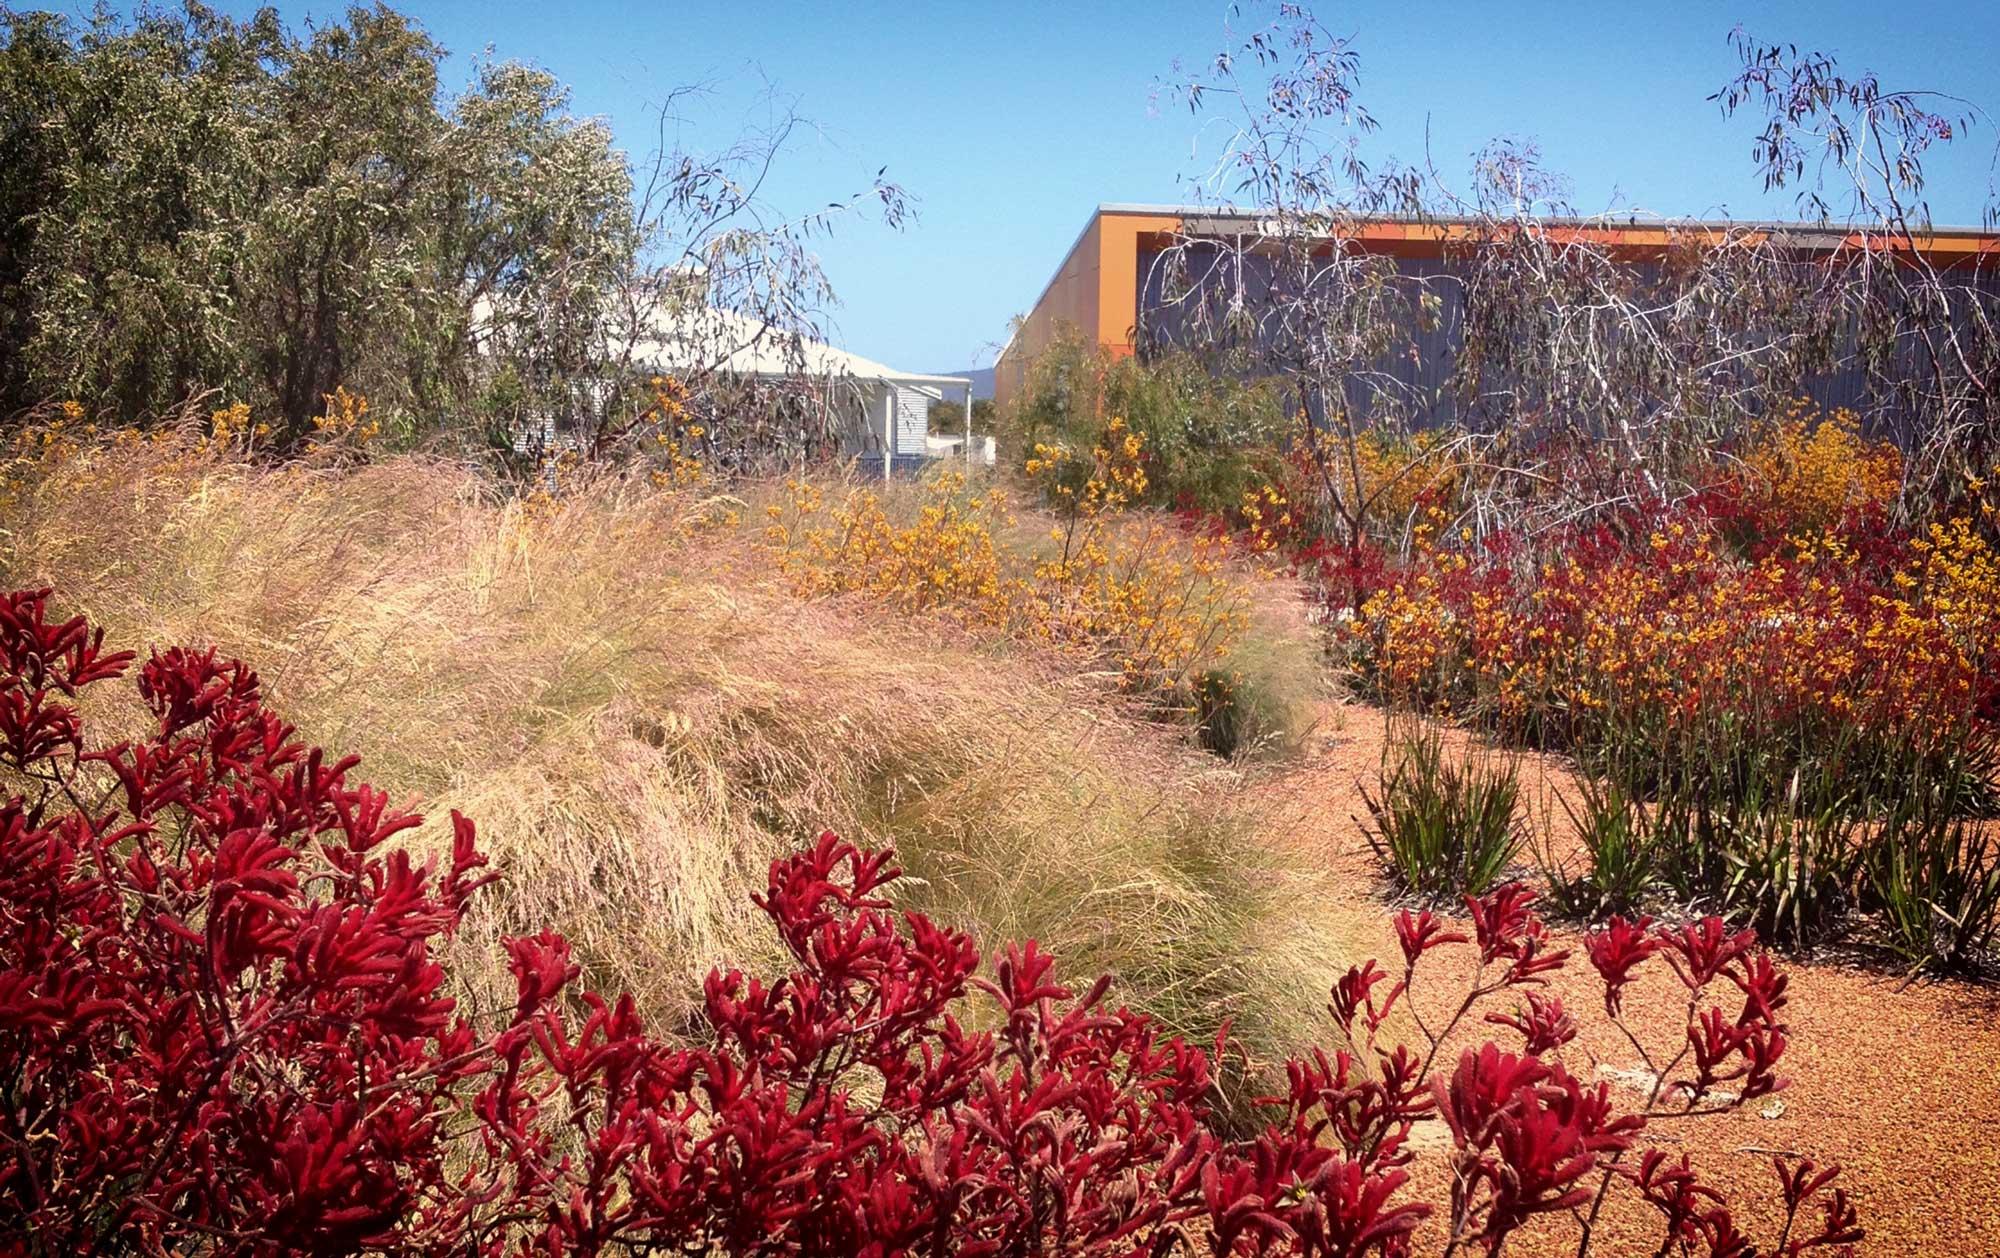 Landscape_L3_GS_Grammar_6